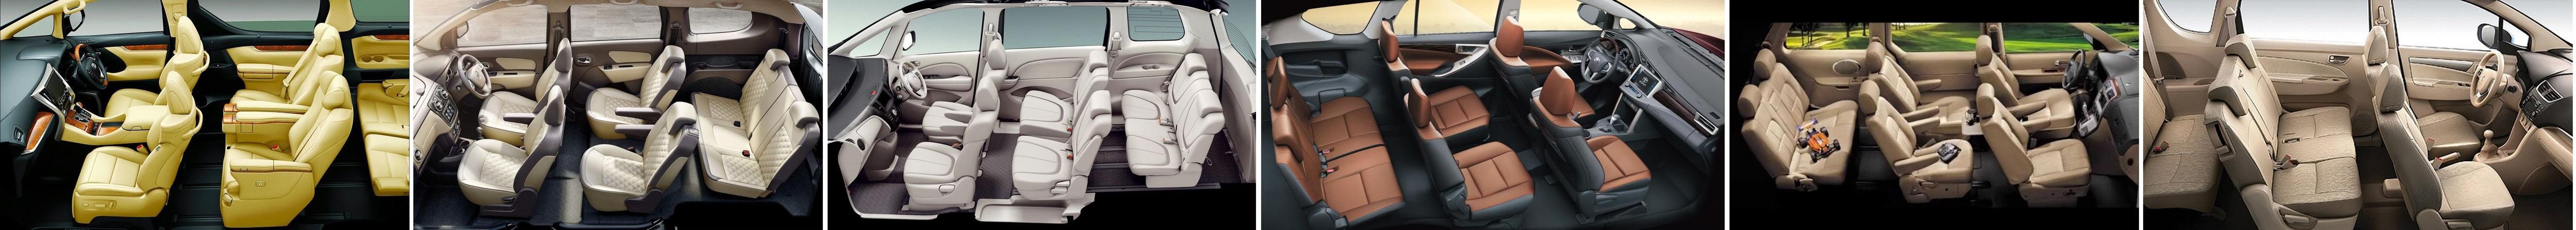 Phân khúc MPV tháng 7/2019: Mitsubishi Xpander quyết đấu Toyota Innova - 3